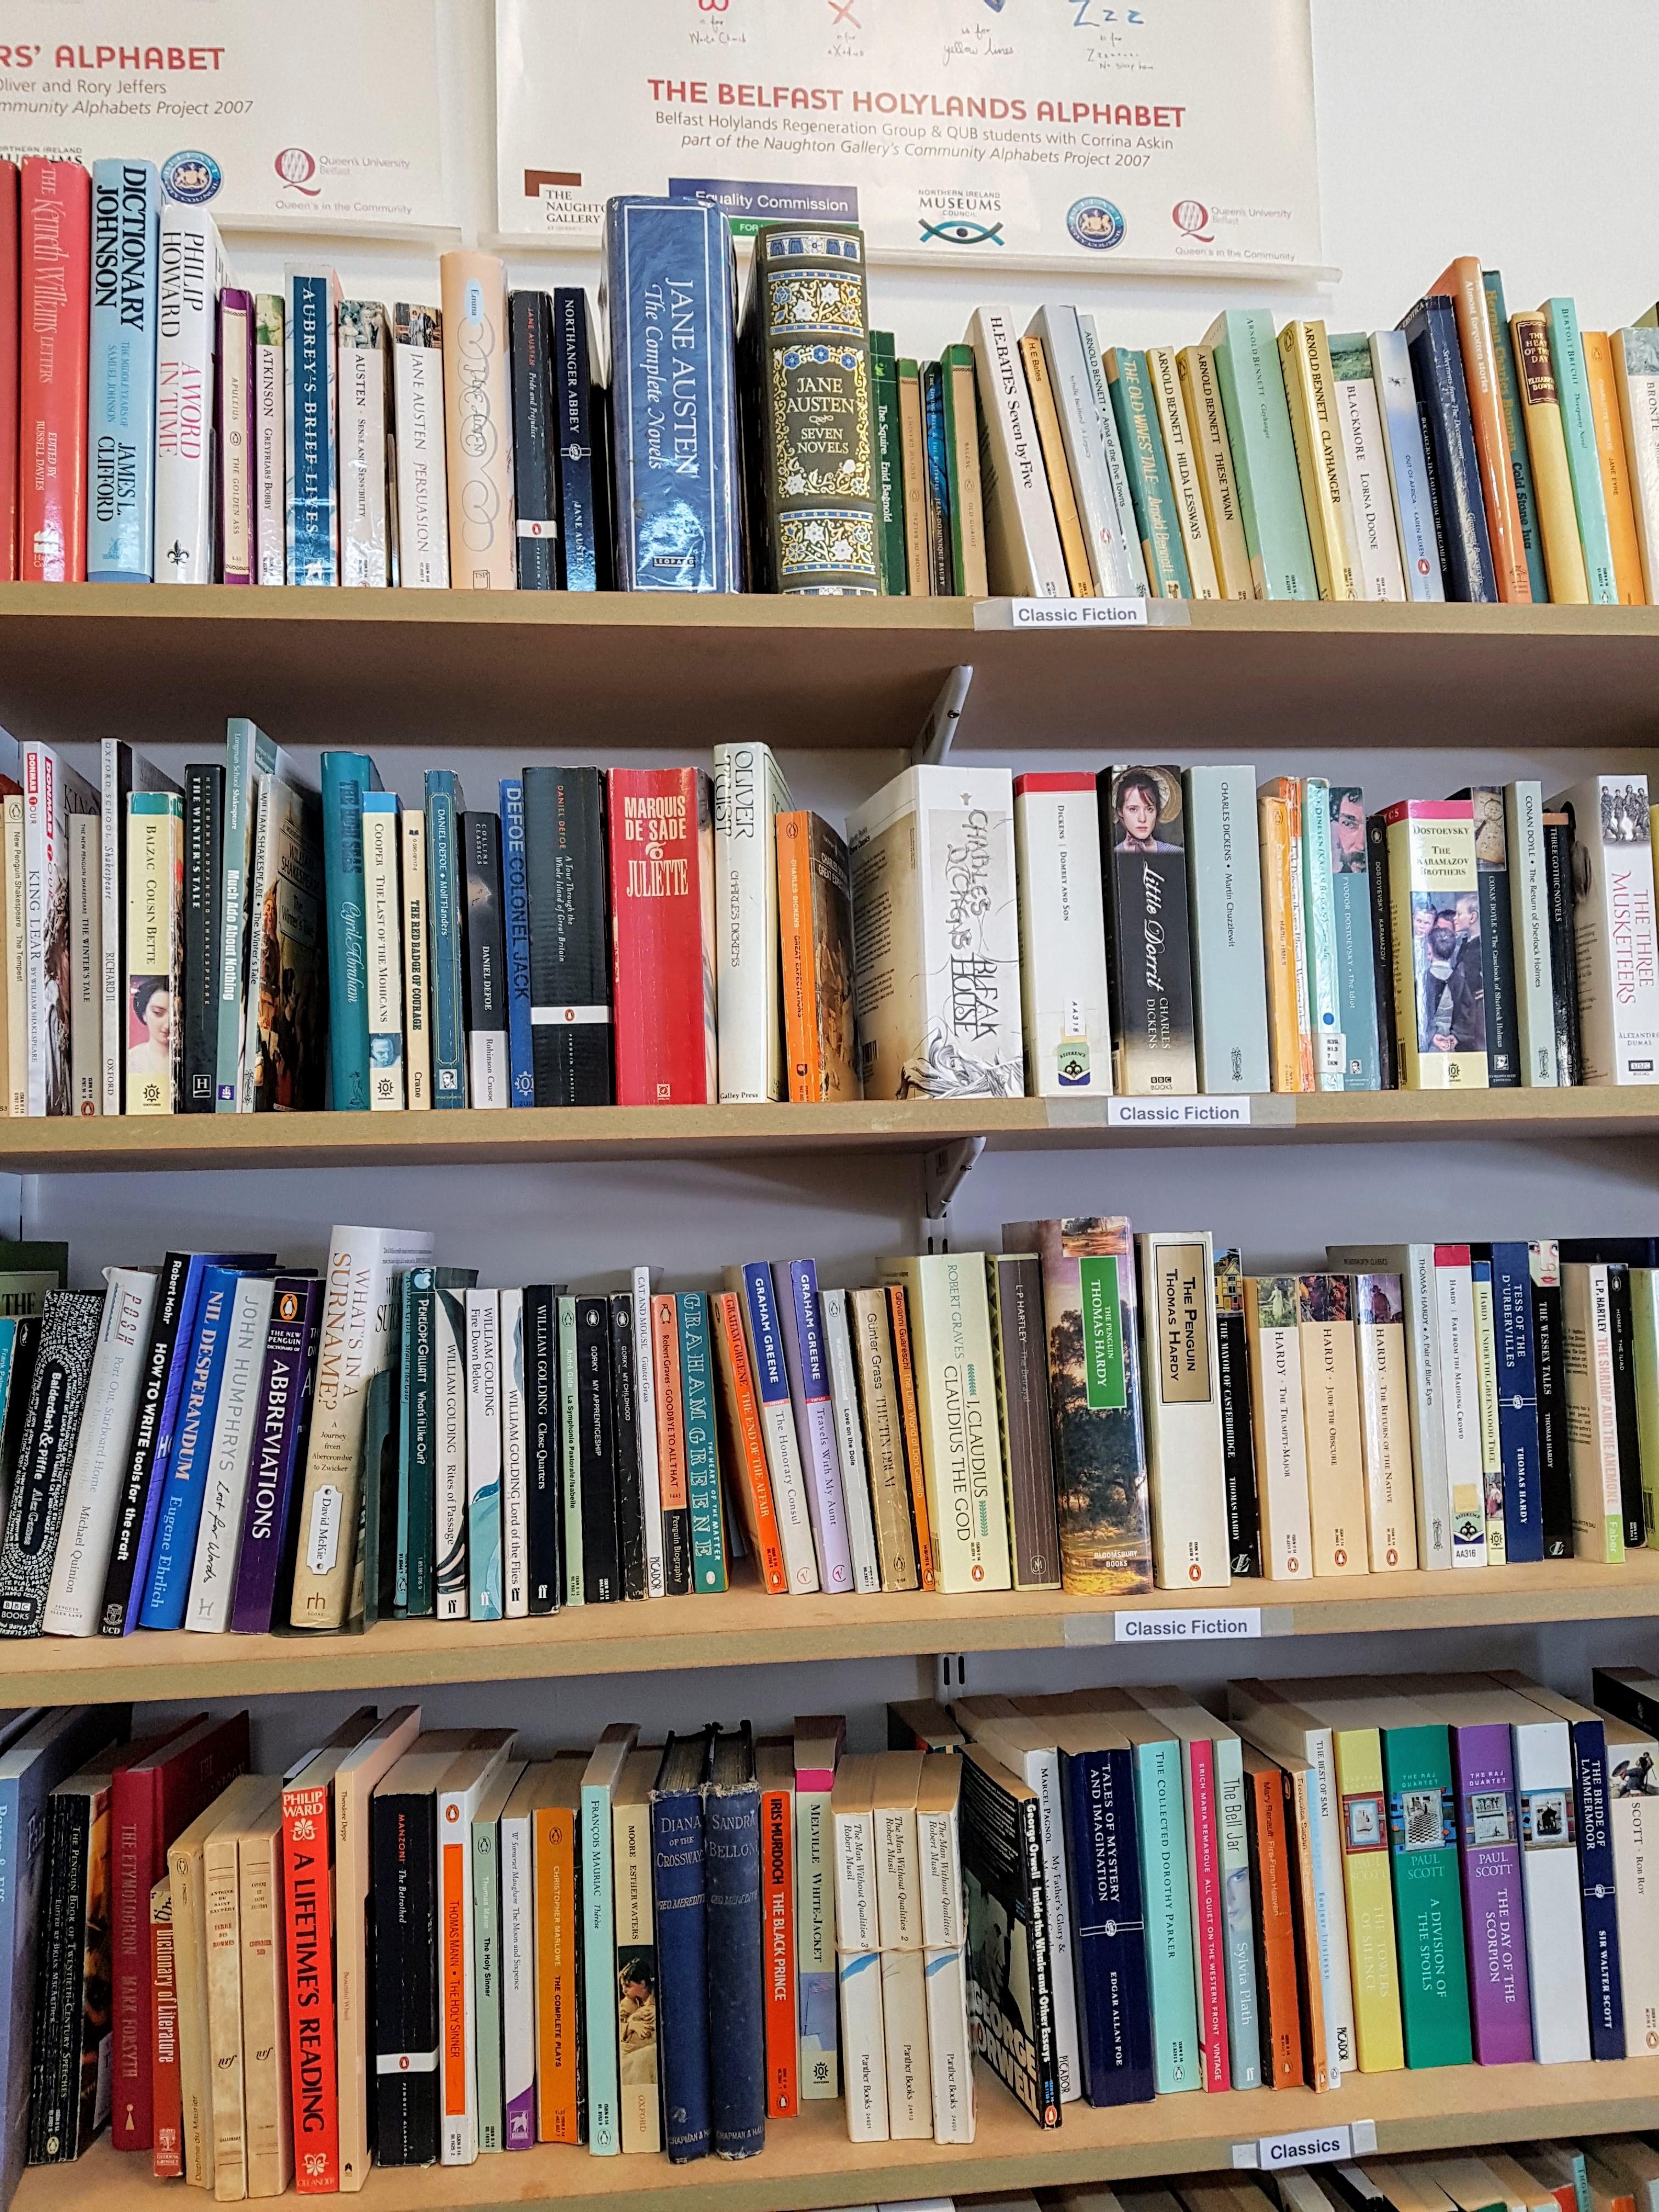 Oxfam Books Botanic Ave. Belfast